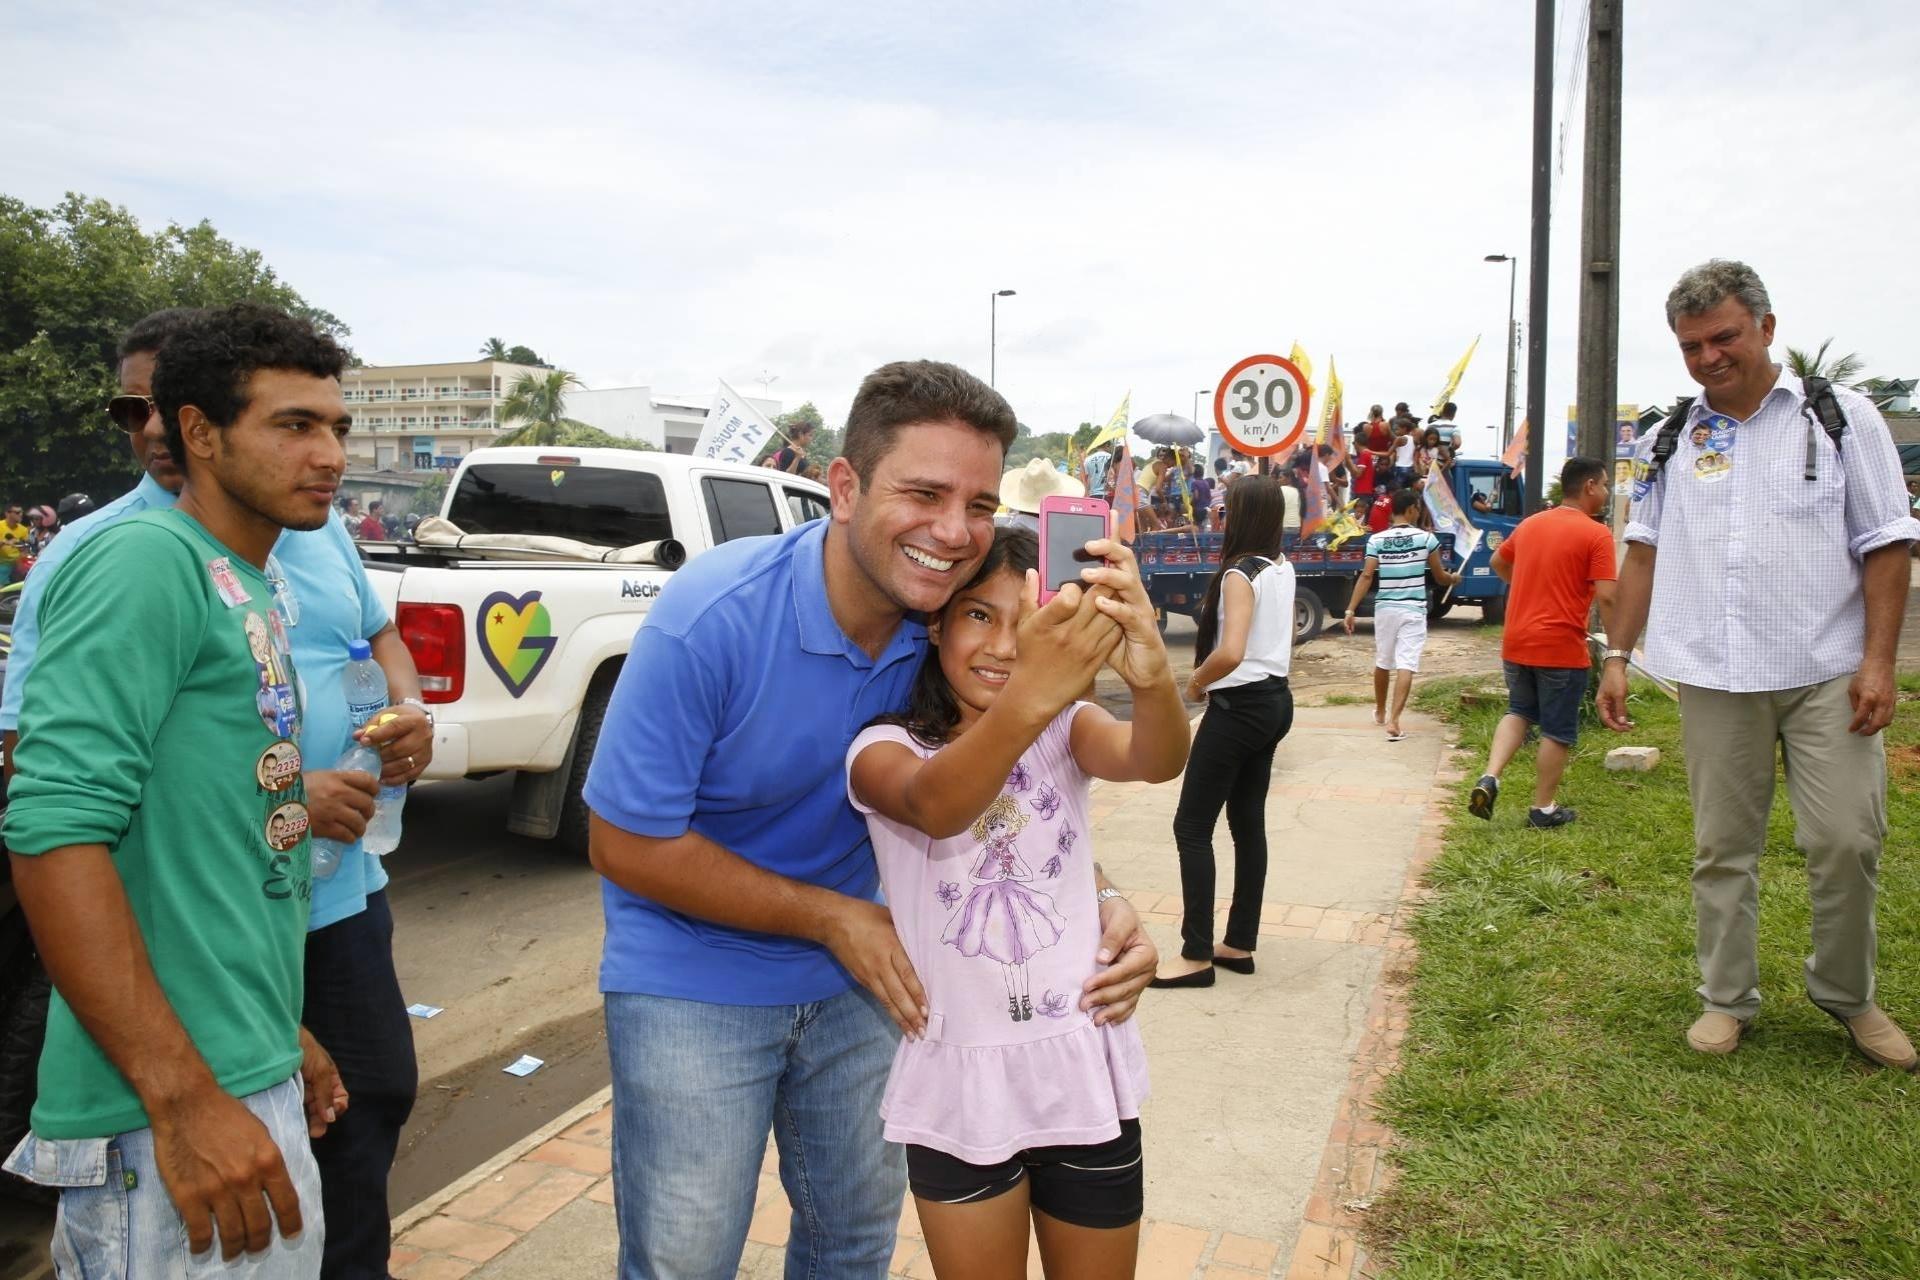 30.set.2014 - Garota tira selfie com o candidato ao Senado pelo Acre Gladson Cameli (PP) durante campanha eleitoral